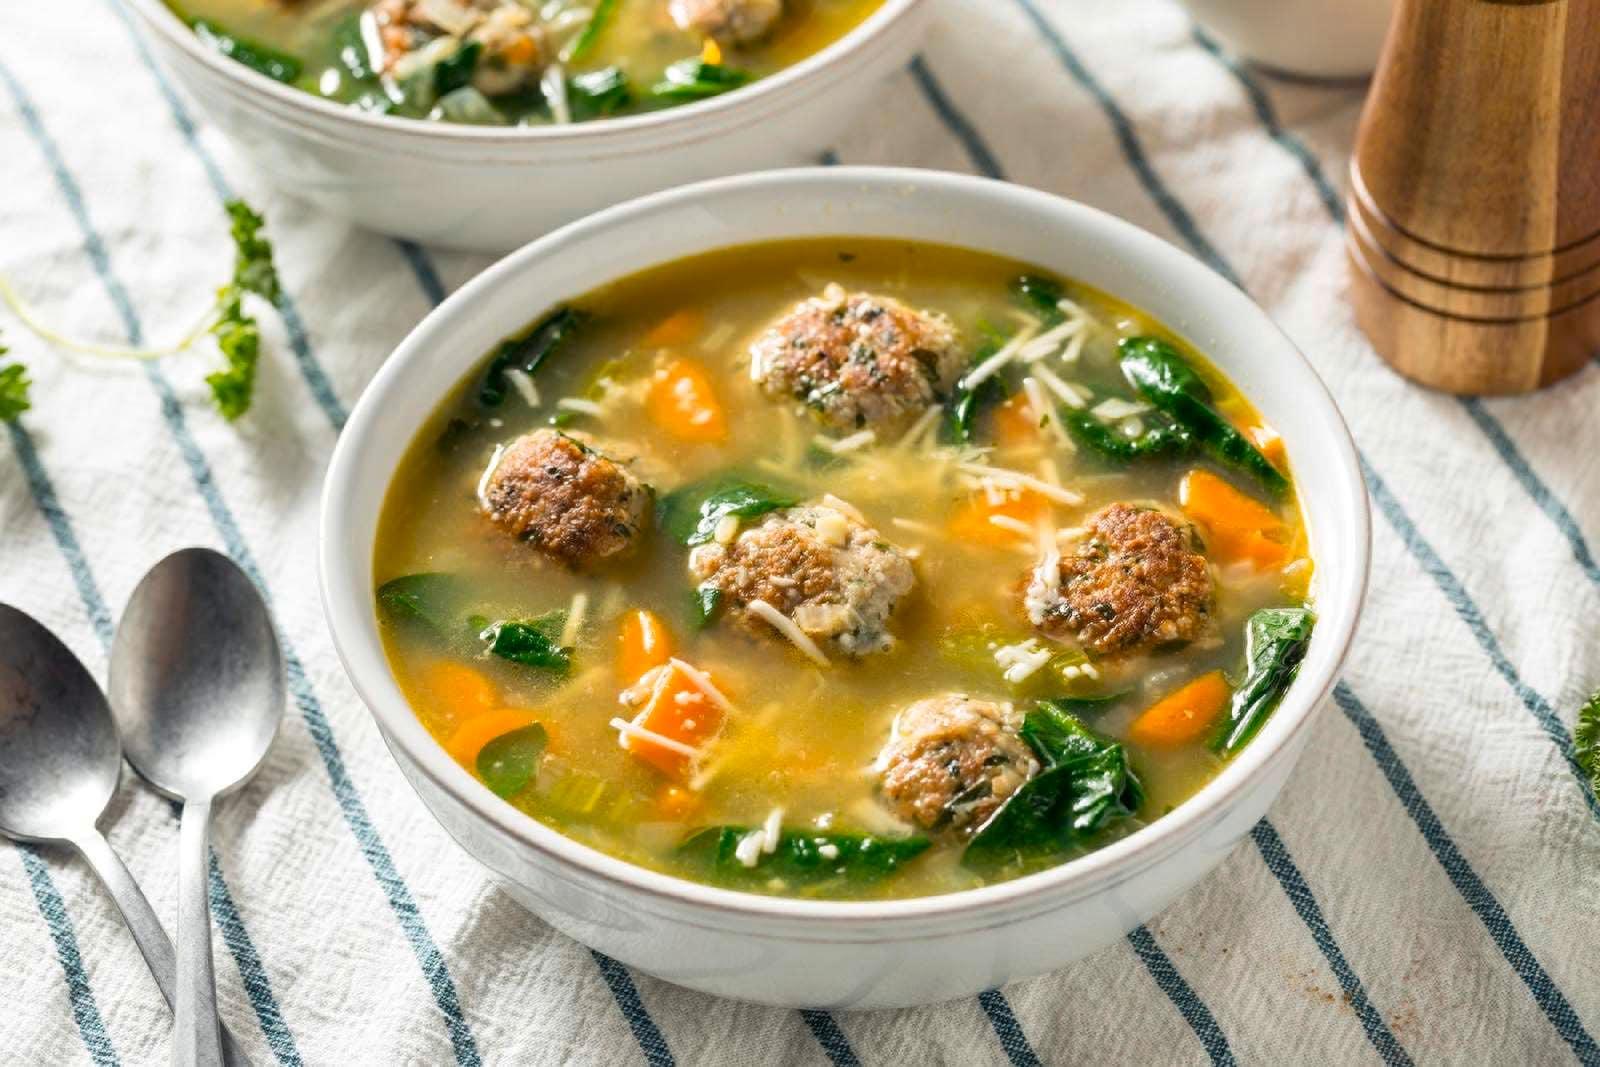 Olahan daging giling menjadi sup bola sapi siap disantap